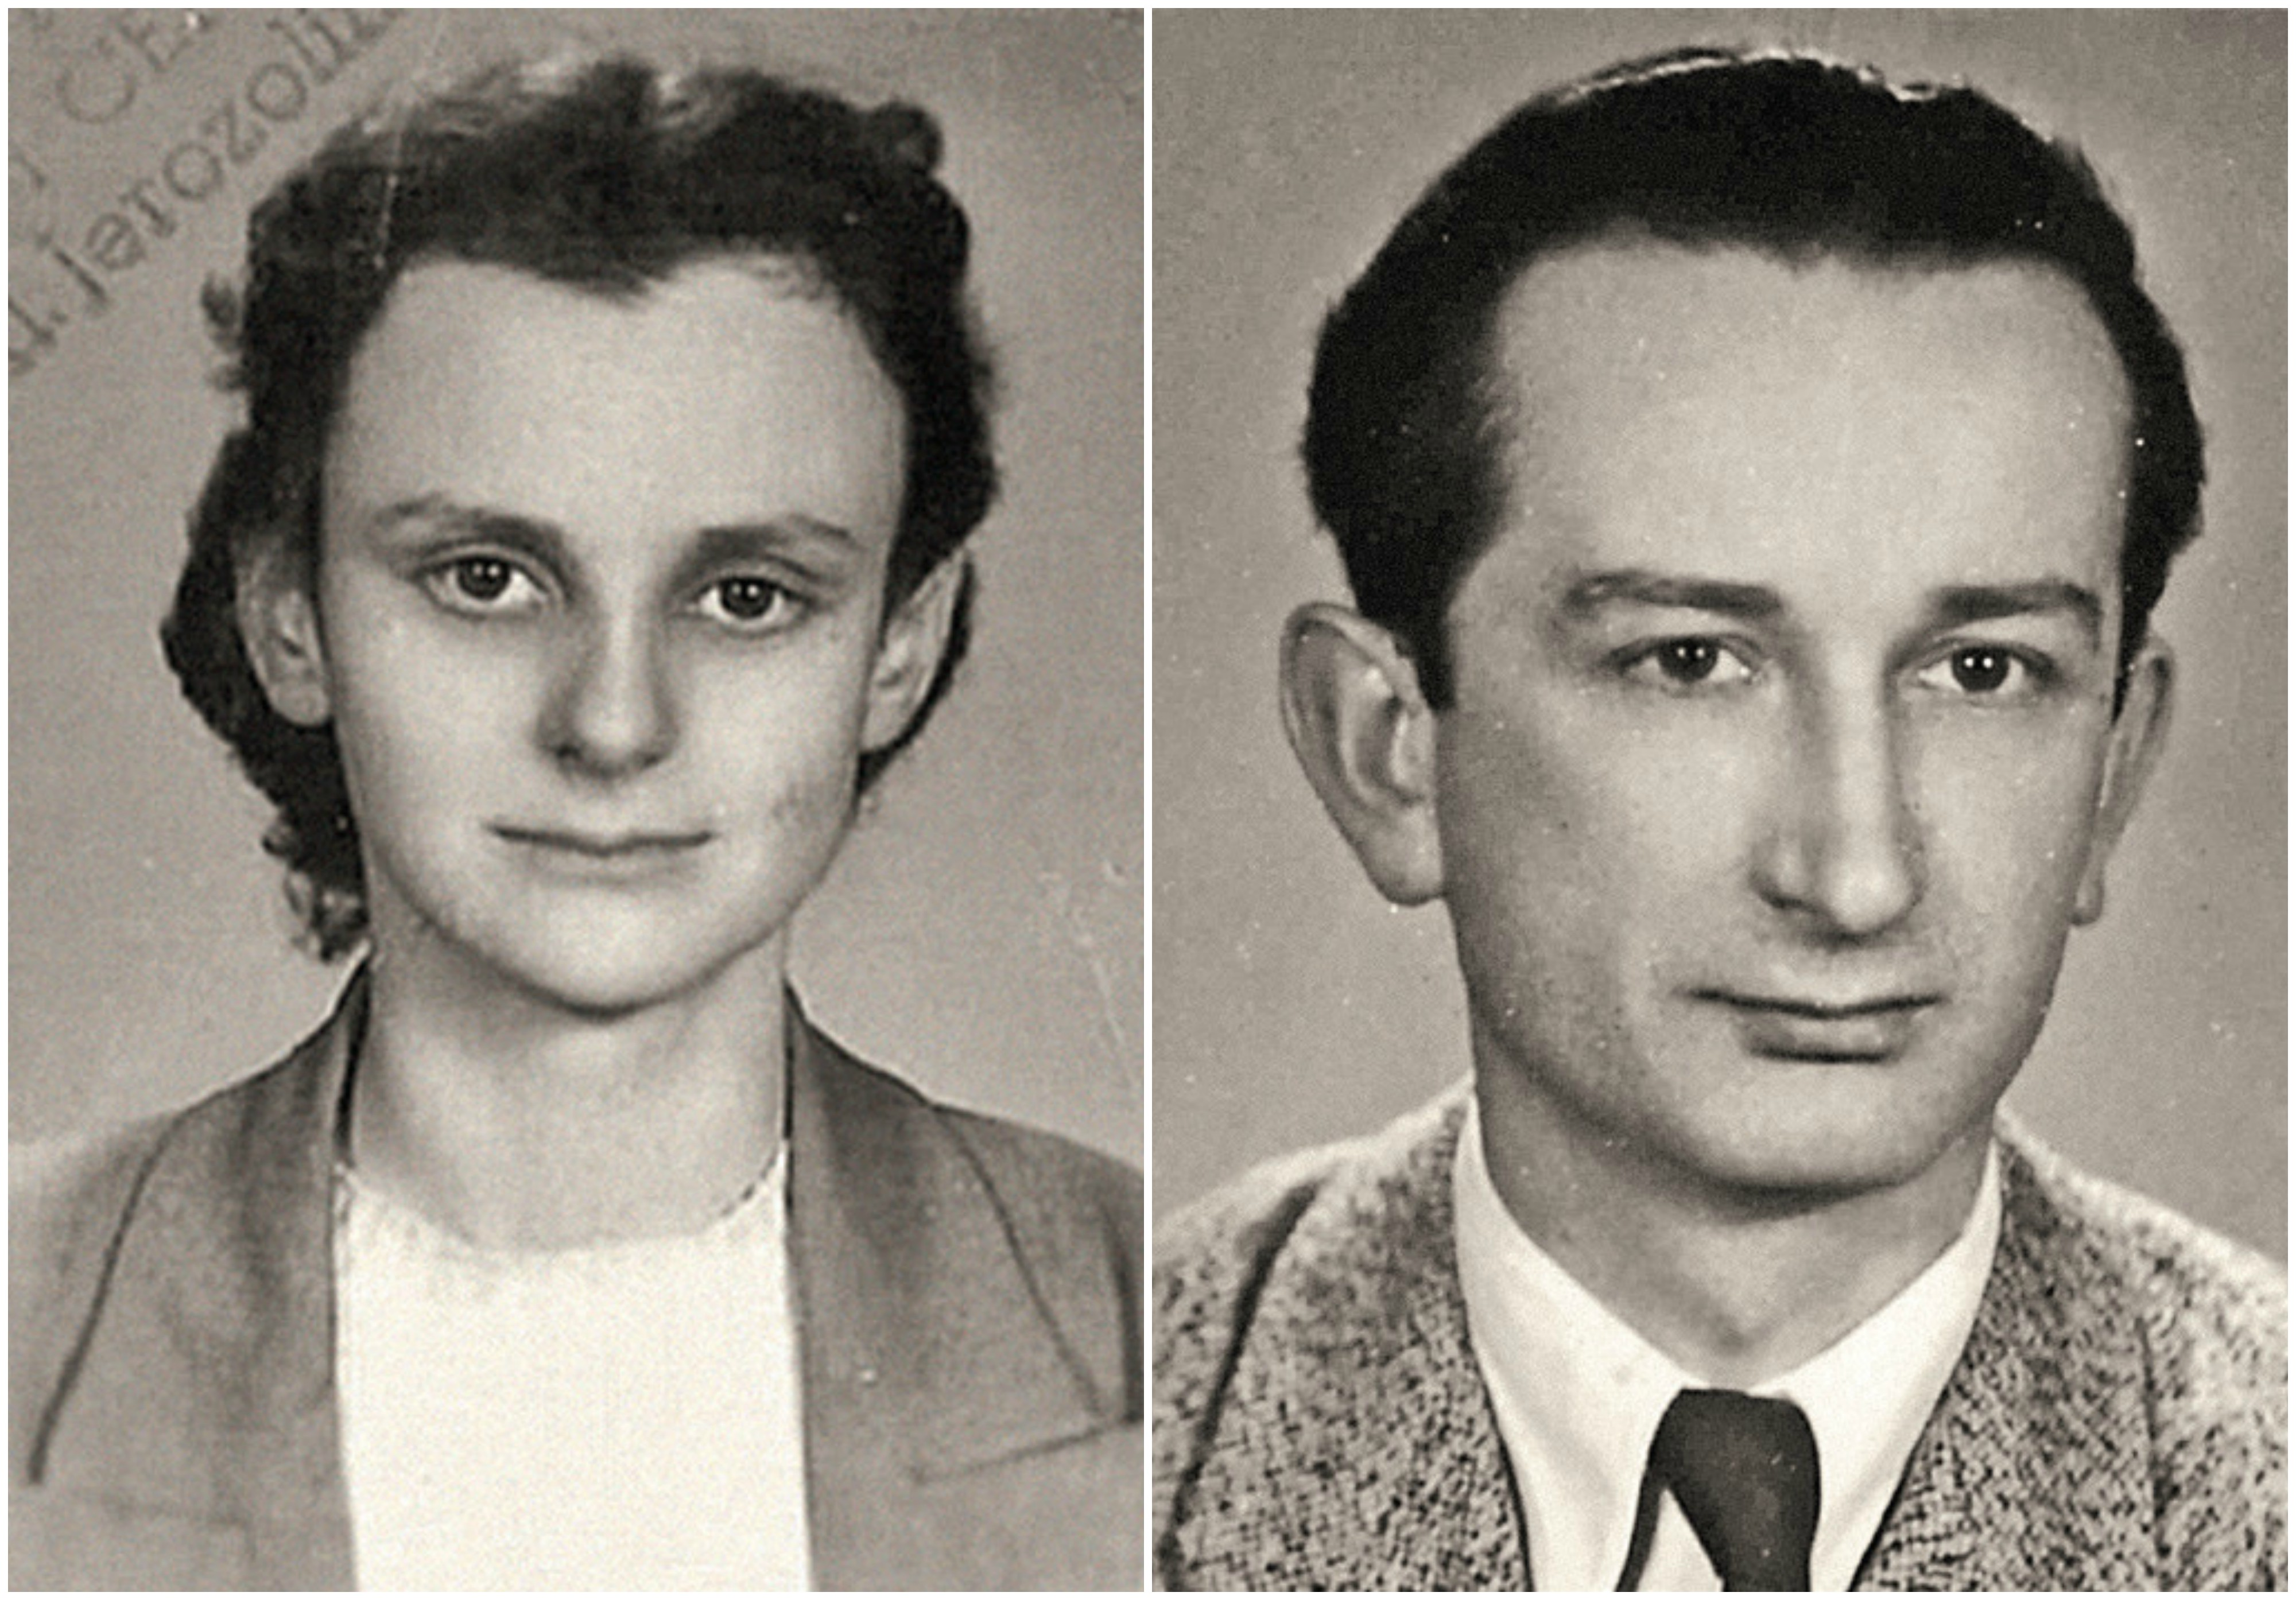 Po lewej 'Paulinka' po wyjściu z więzienia. Po prawej jej drugi mąż - Romuald Jakubowski (fot. materiały prasowe)